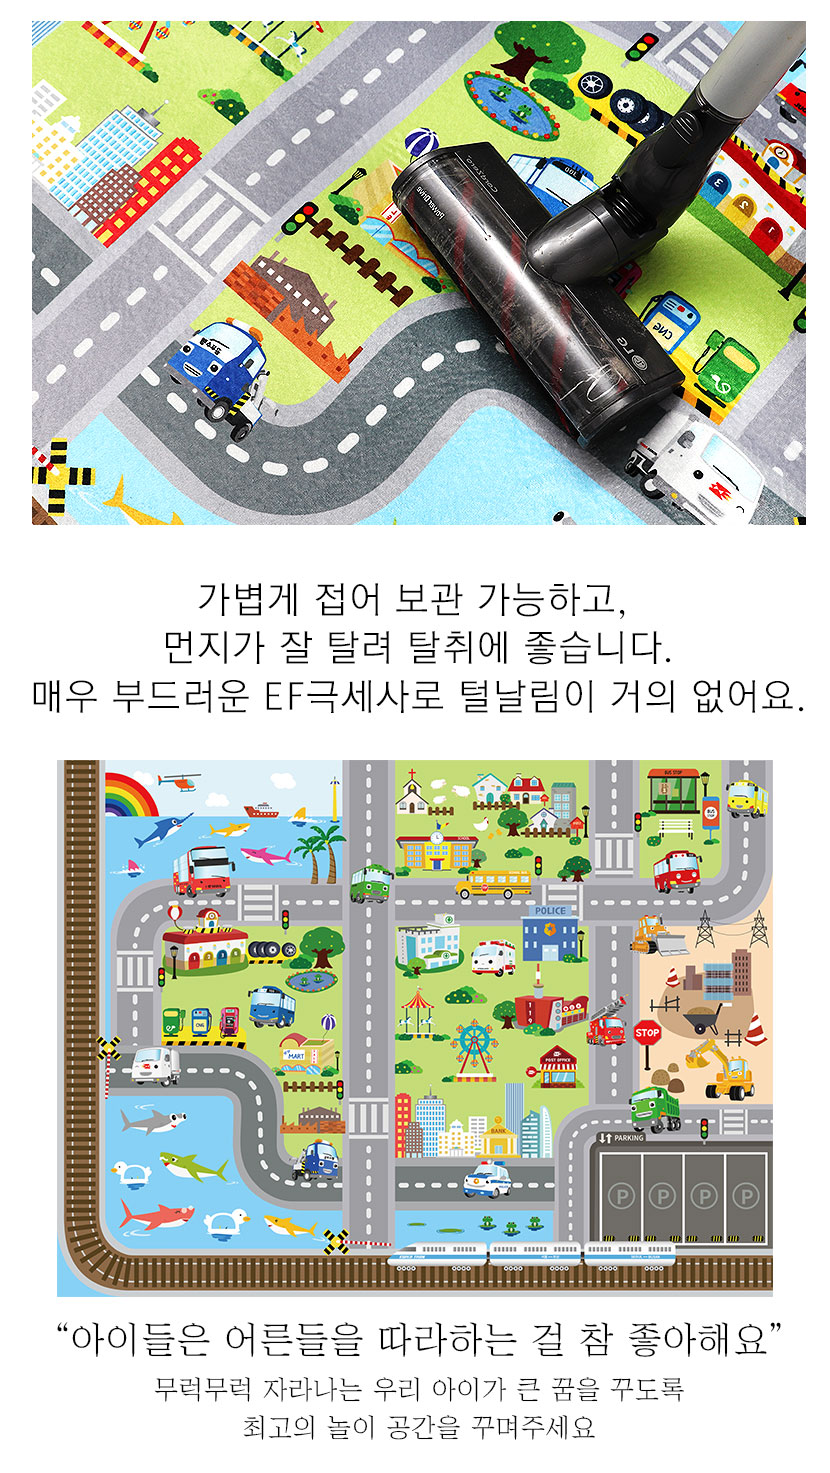 대명 카페트 도로 놀이 아기 상어 가족 자동차 키즈 DTP 러그 100X150 - 대명카페트, 47,900원, 디자인러그, 디자인러그